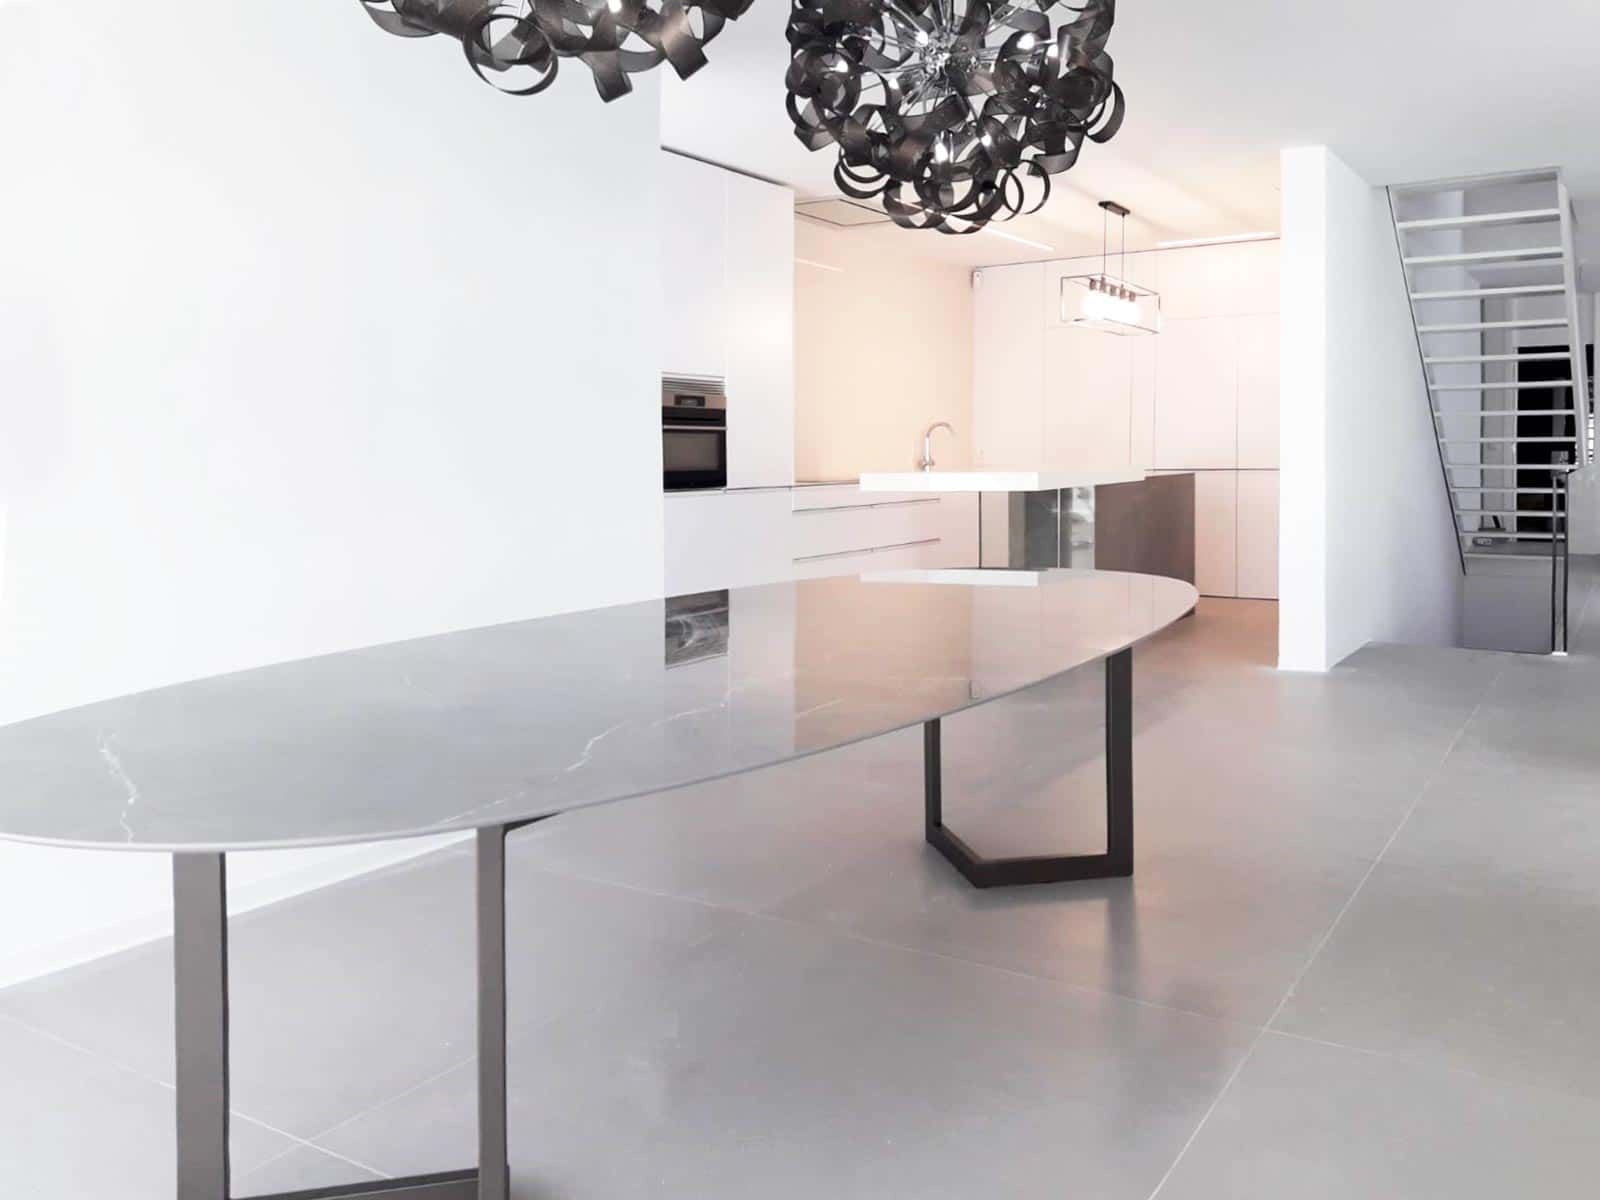 Detalle de mesa de comerdor en forma de óvalo y cocina en color blanco mate al fondo